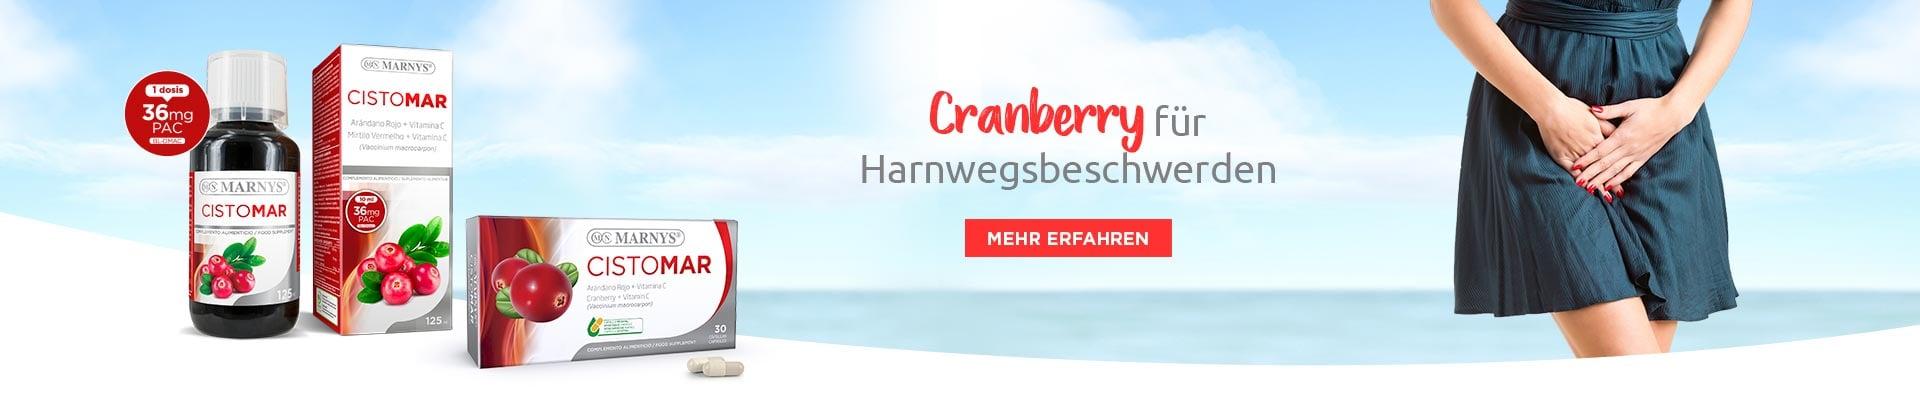 Cranberry für Harnwegsbeschwerden